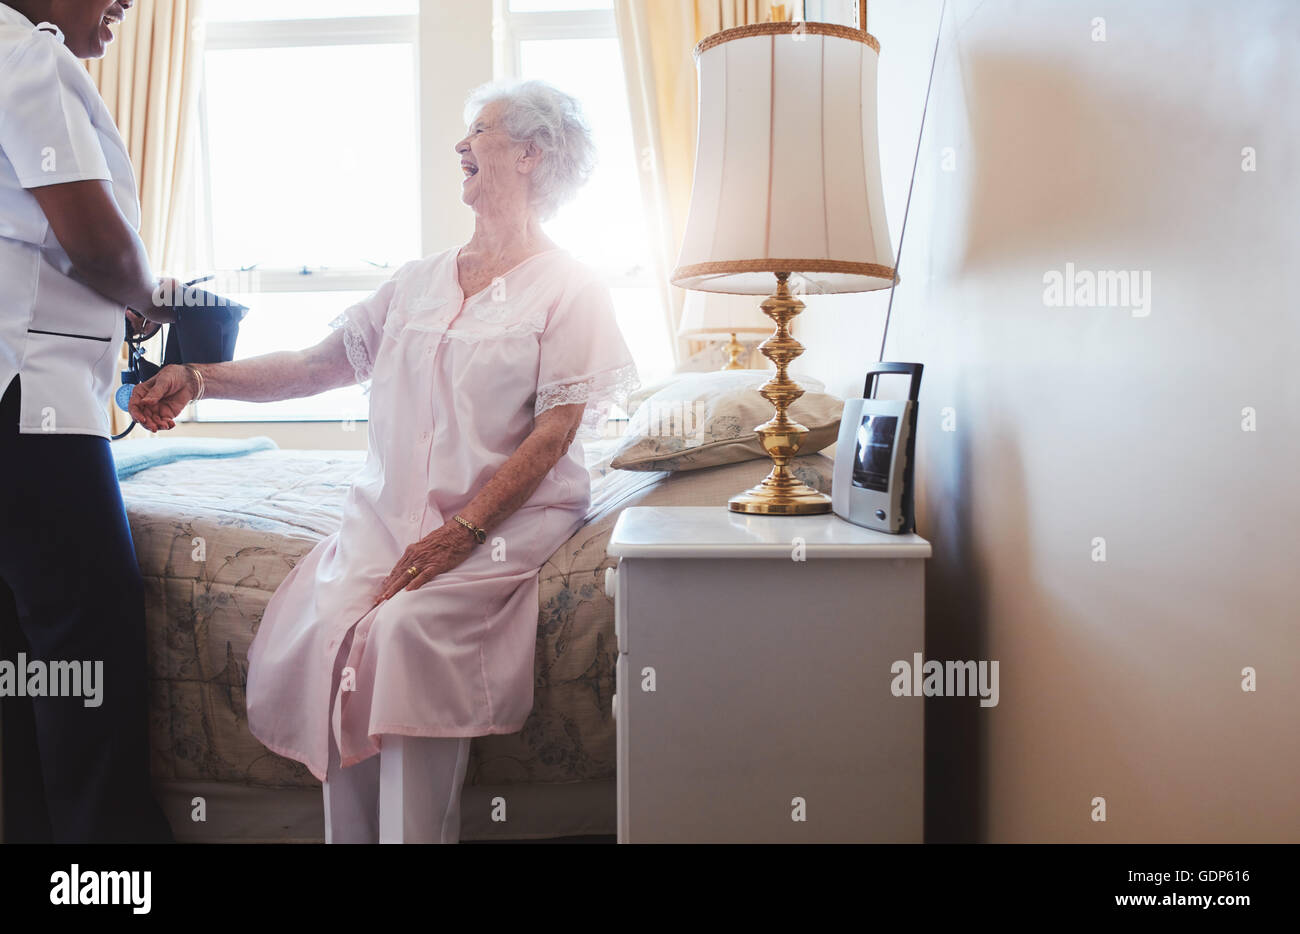 In Innenräumen geschossen Sie glücklich senior Frau auf Bett sitzend mit Krankenschwester Blutdruck überprüfen. Stockbild